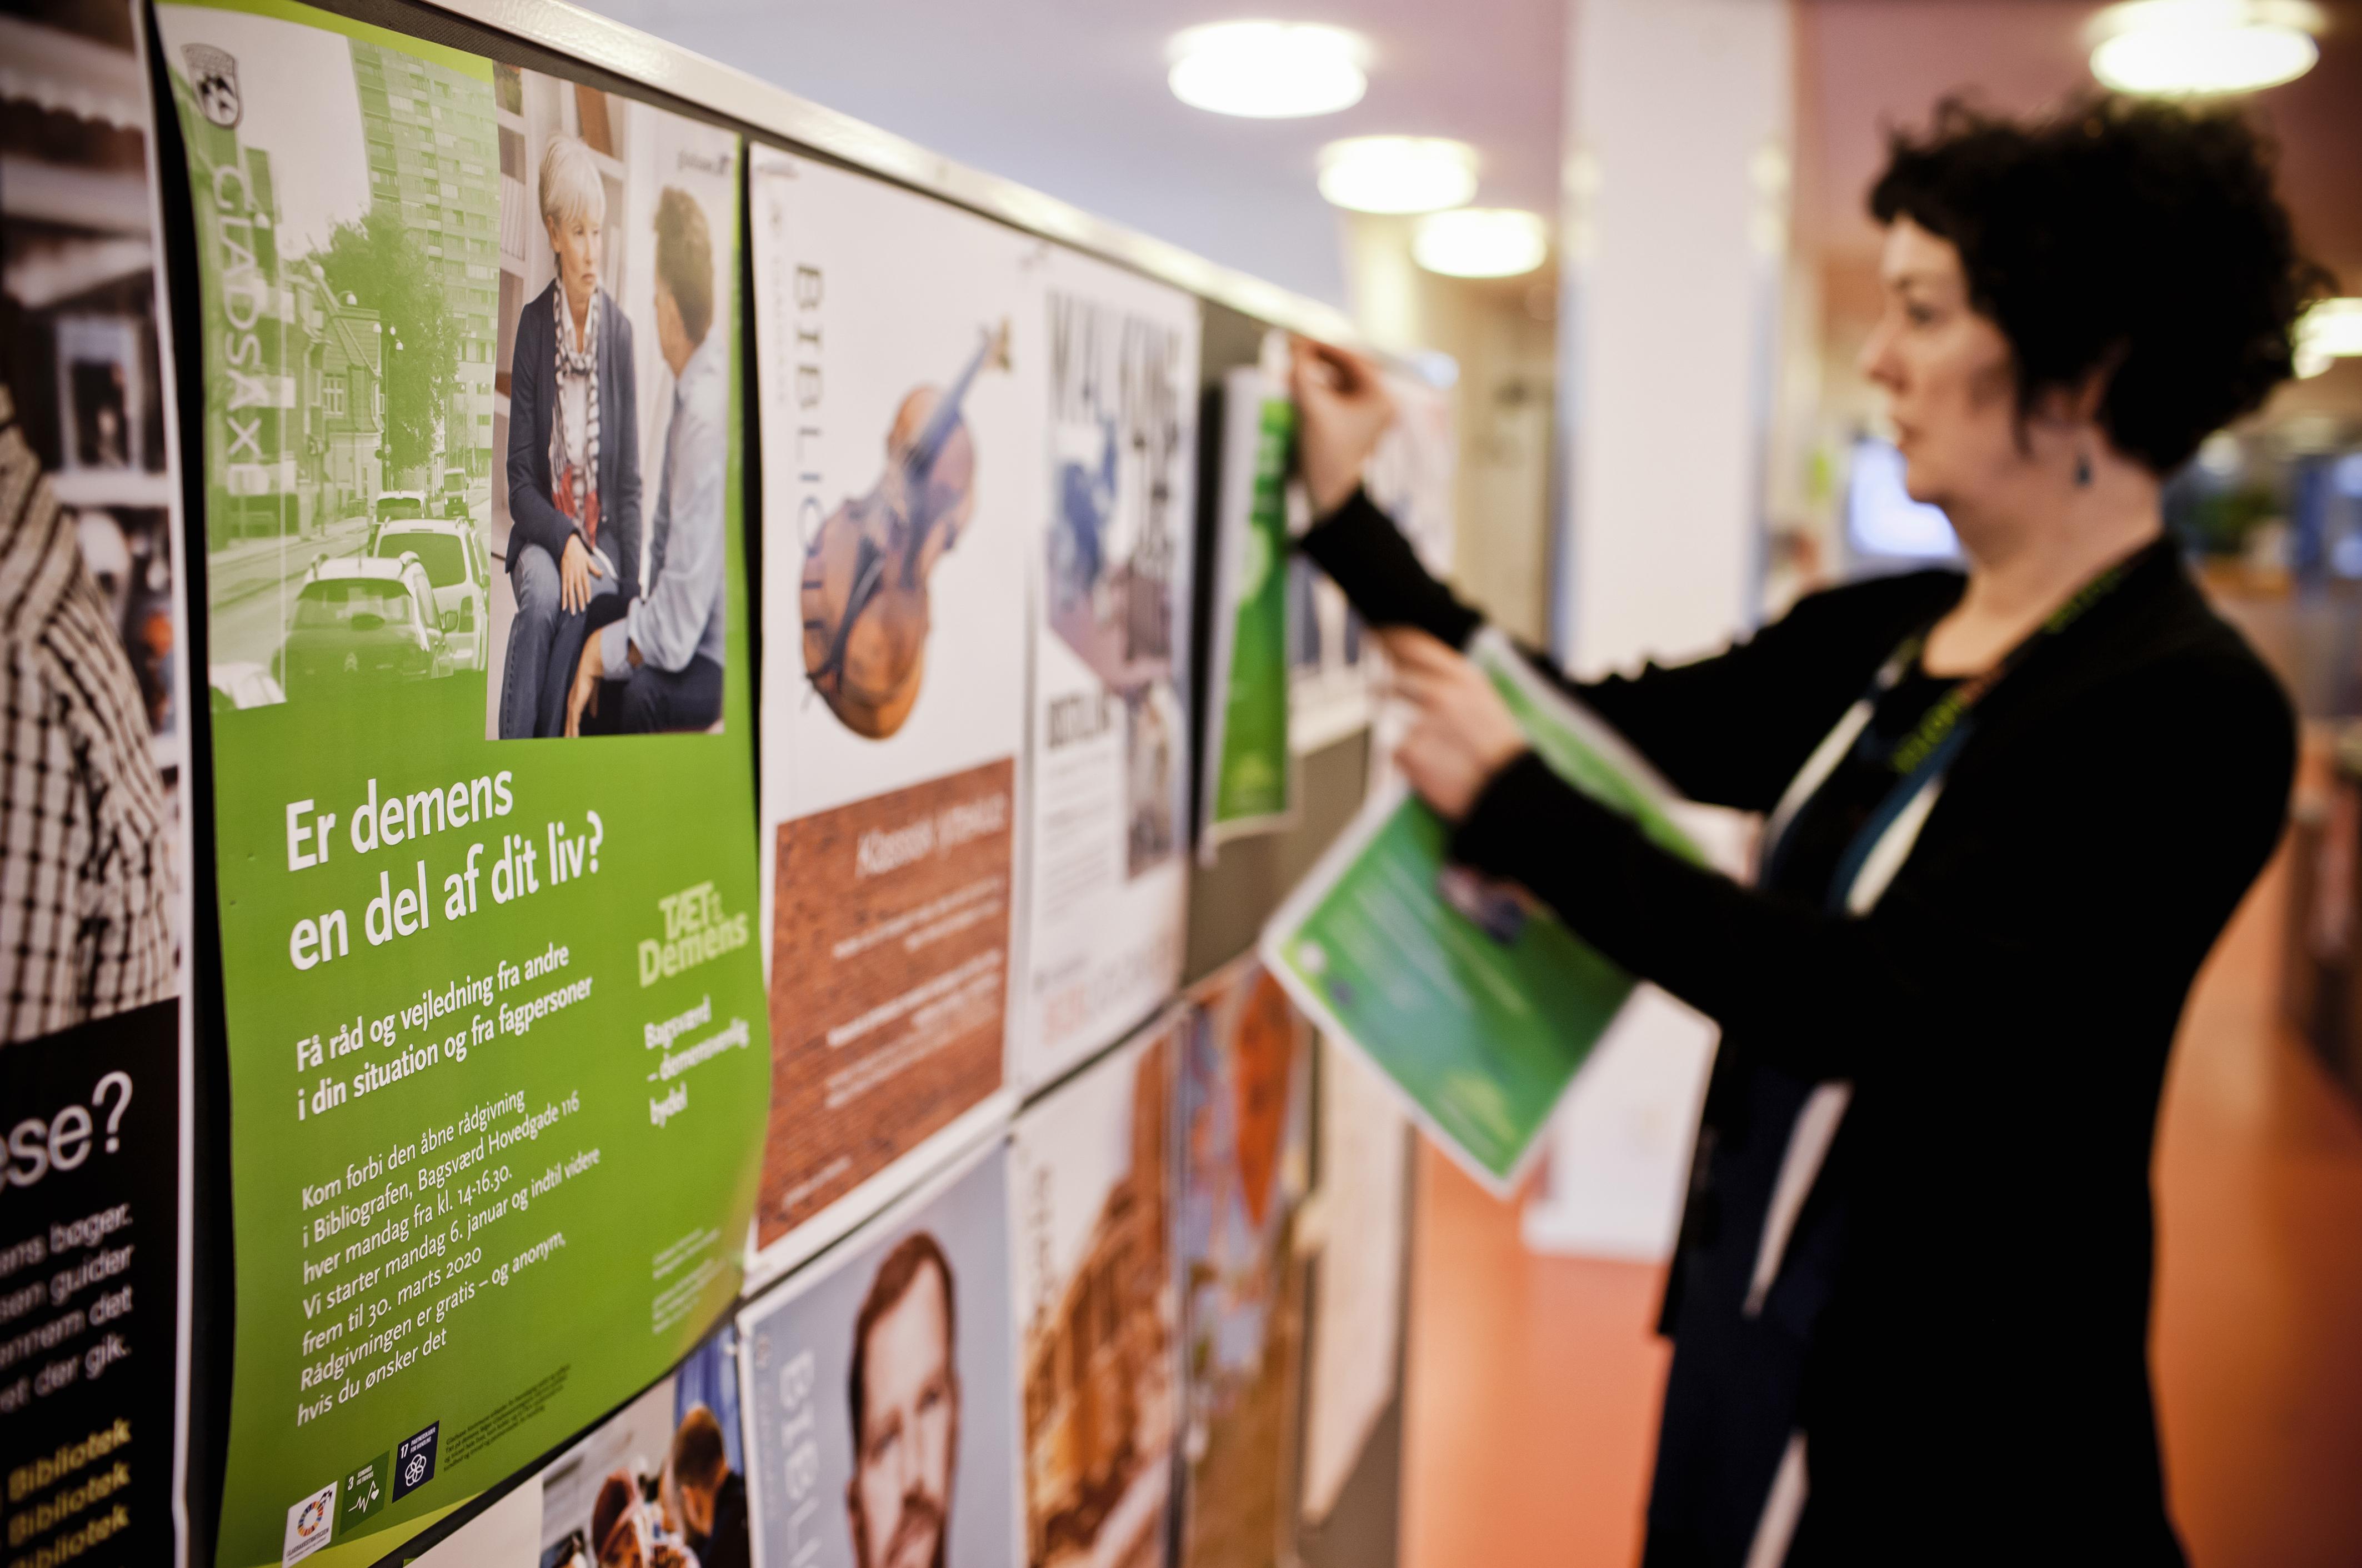 Et af de initiativer, der skal gøre Bagsværd mere demensvenlig, er åben rådgivning i et hjørne af Bibliografen.